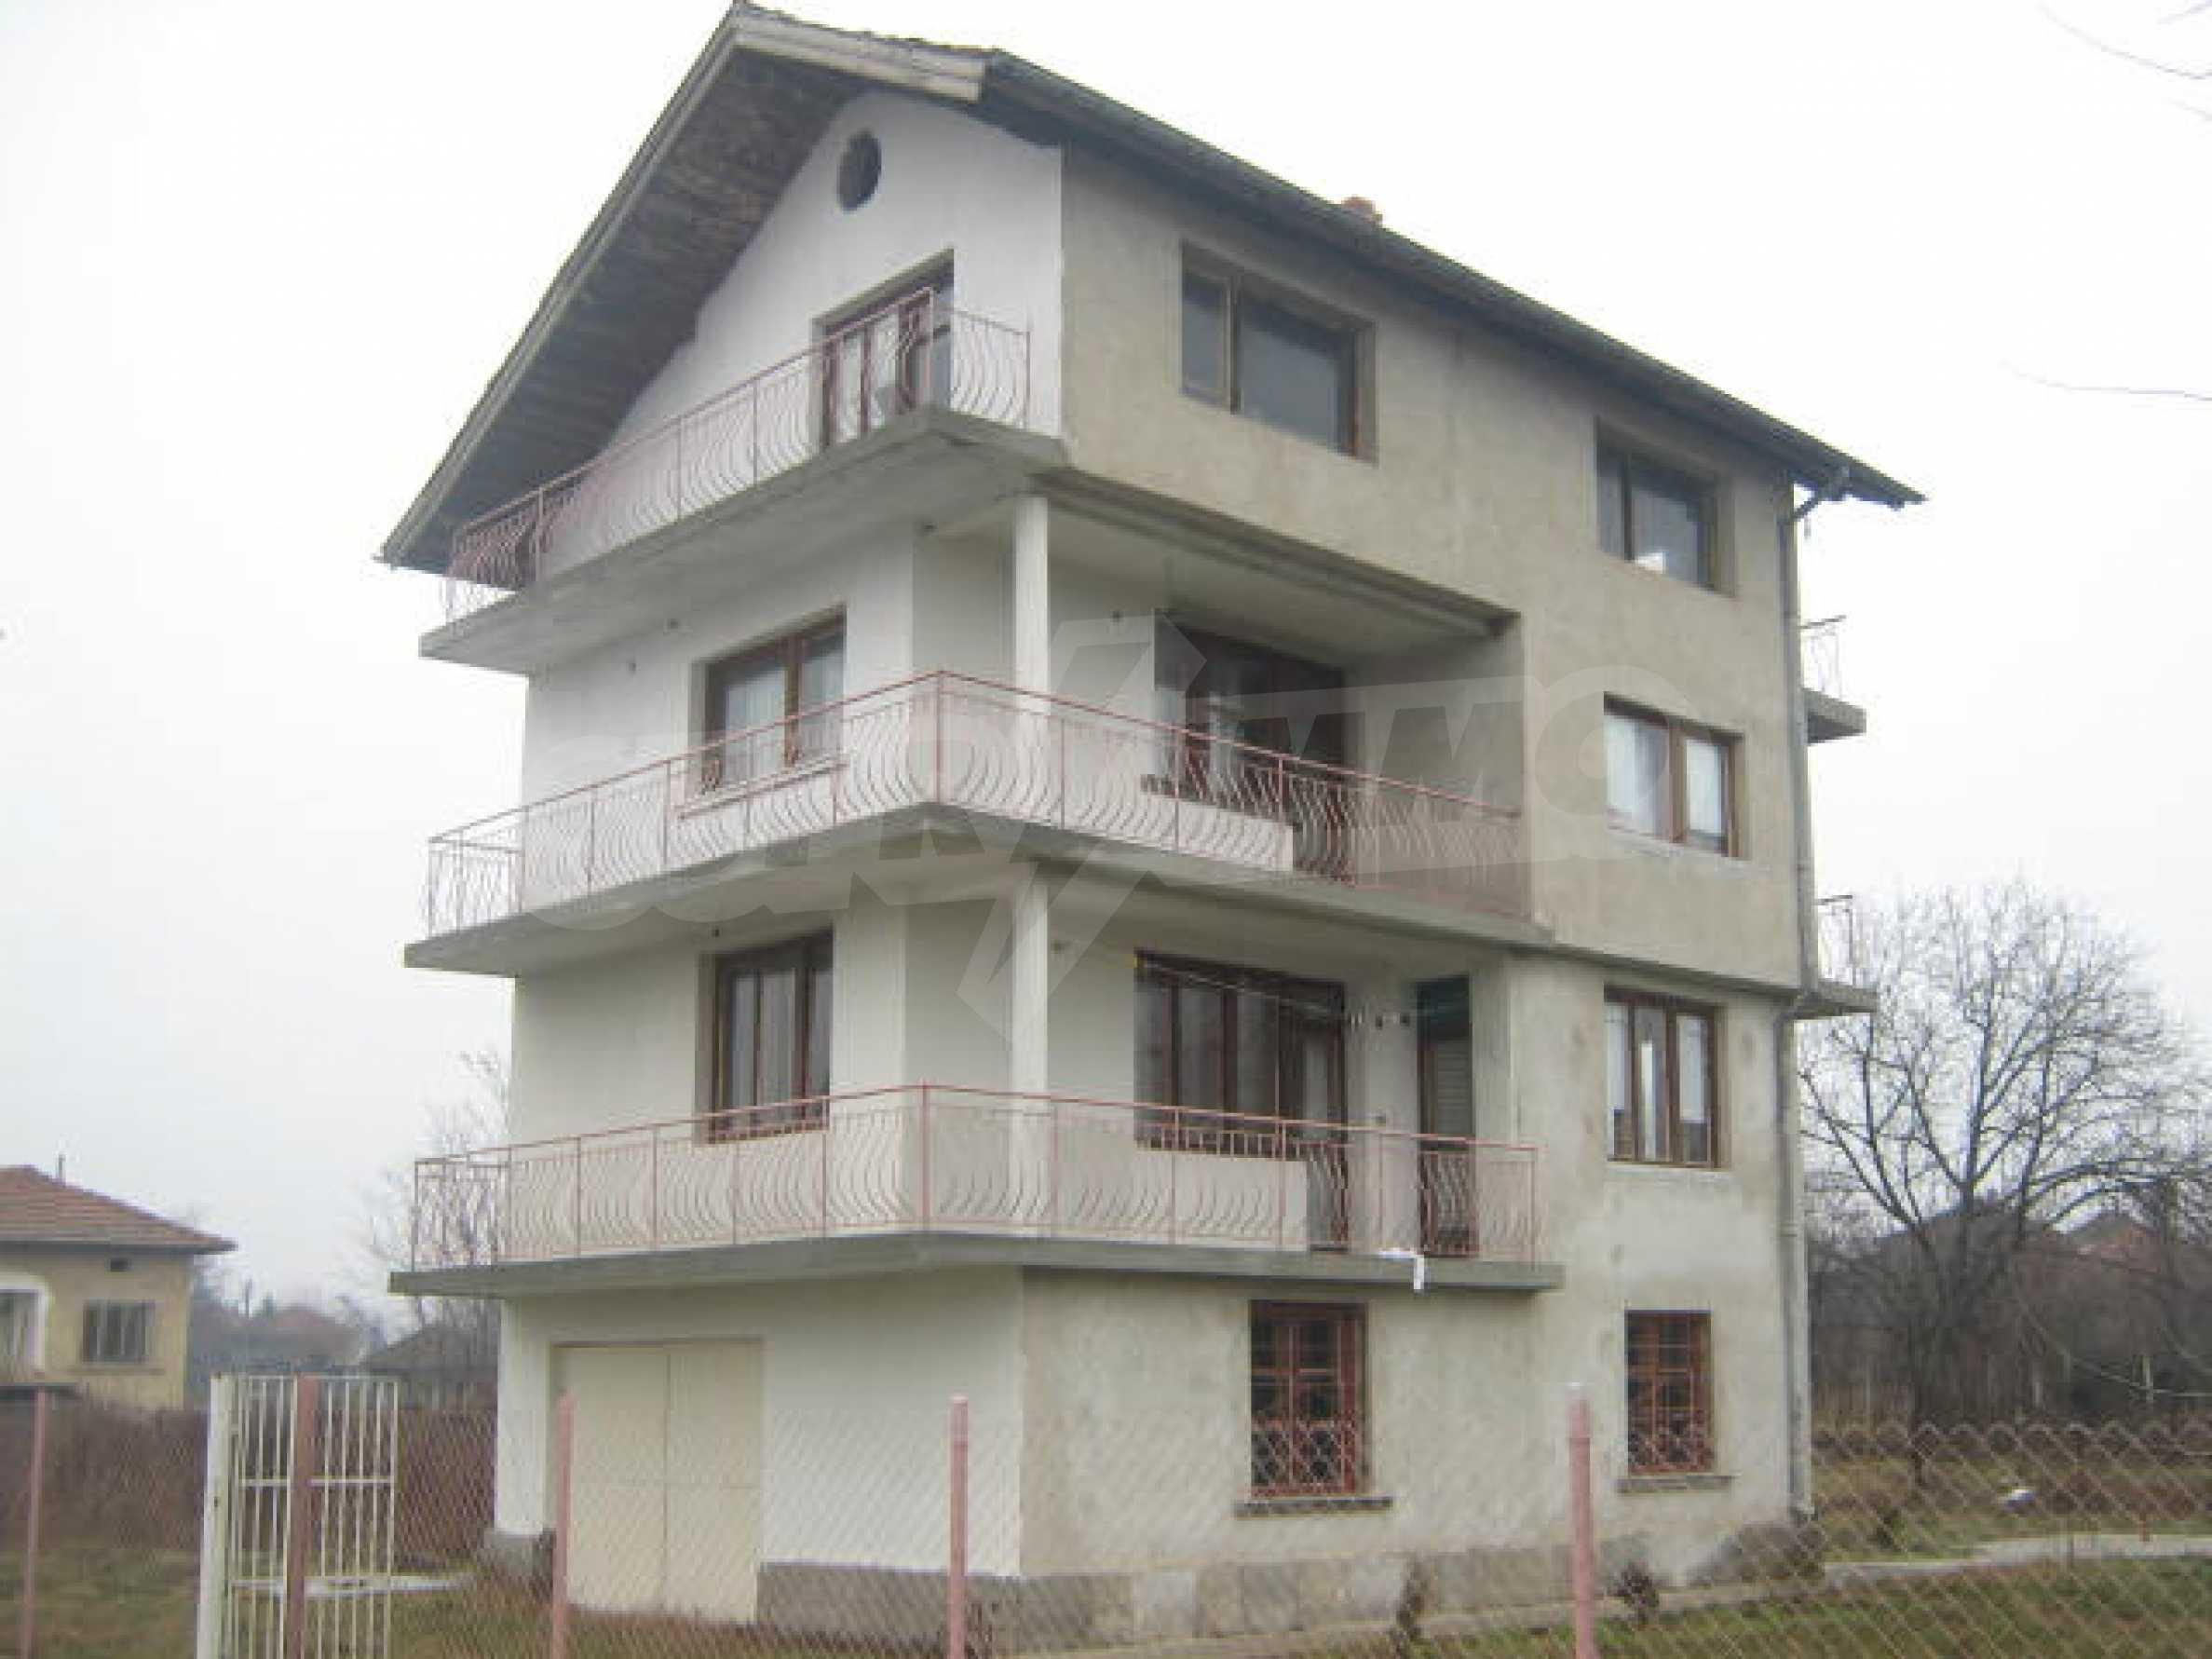 Vierstöckiges Haus mit Hof in der Nähe von der Stadt Widin